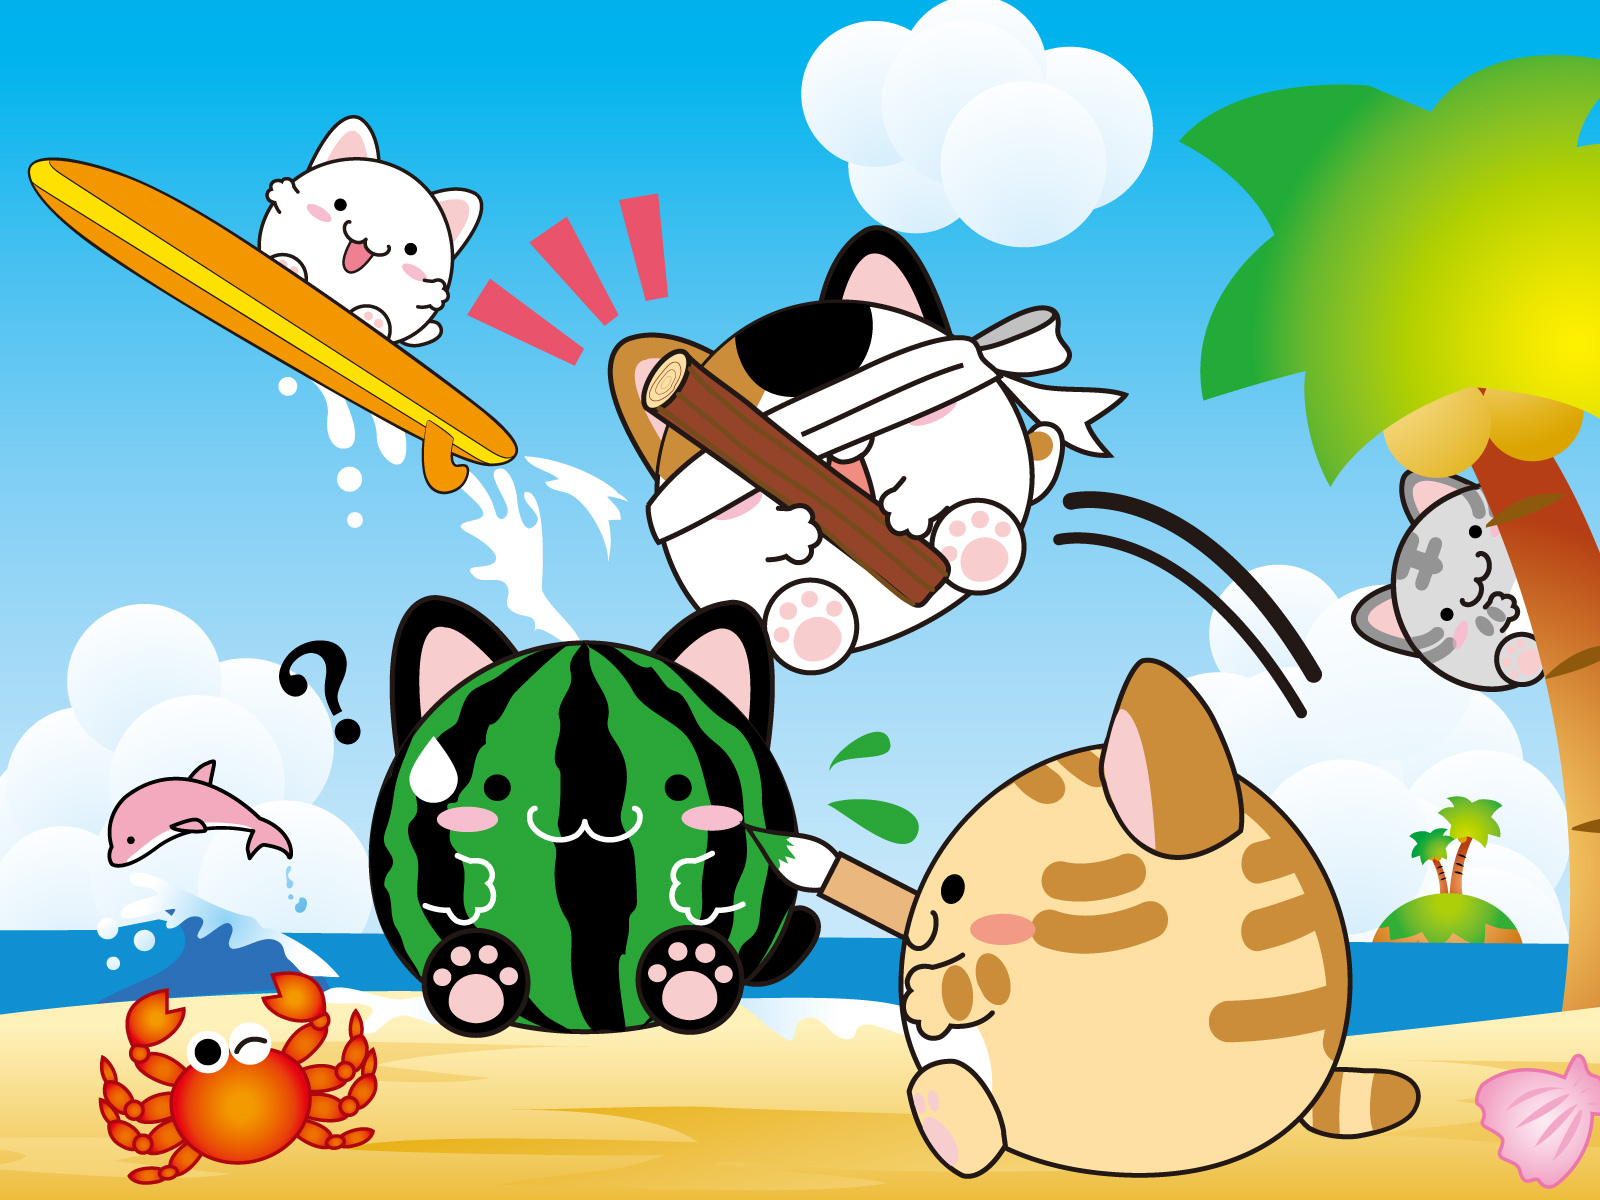 Summer Fun Wallpaper for Desktop - WallpaperSafari